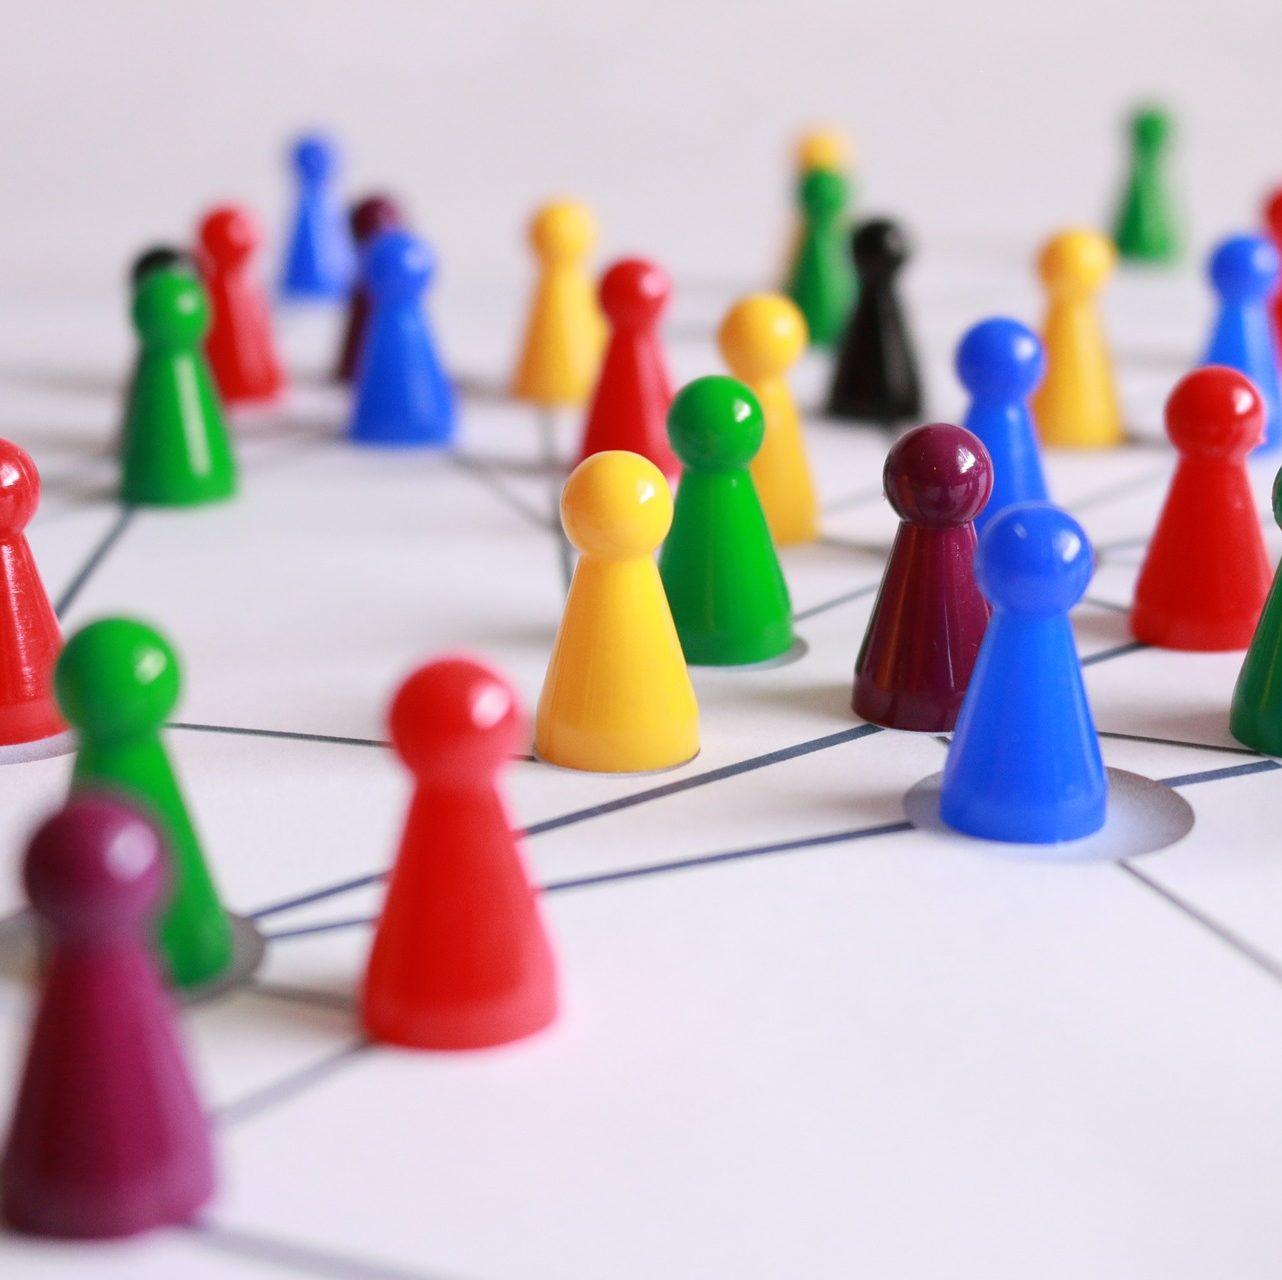 Système de réseau avec des pionts colorés de jeu de société